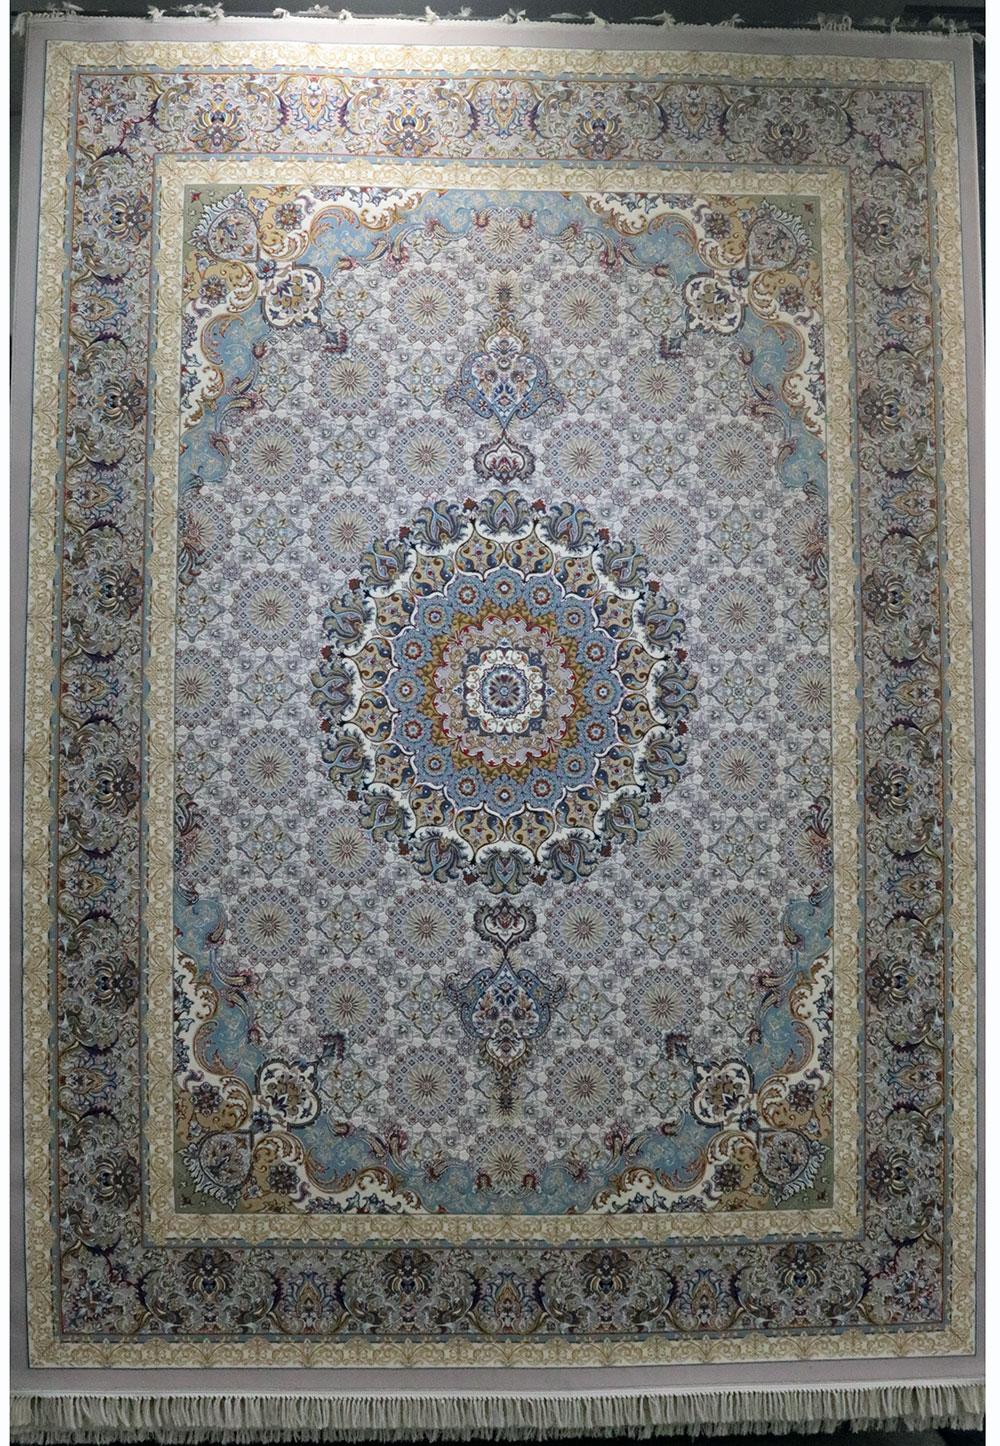 فرش کاشان – 700 شانه نقشه سلطنتی خورشید